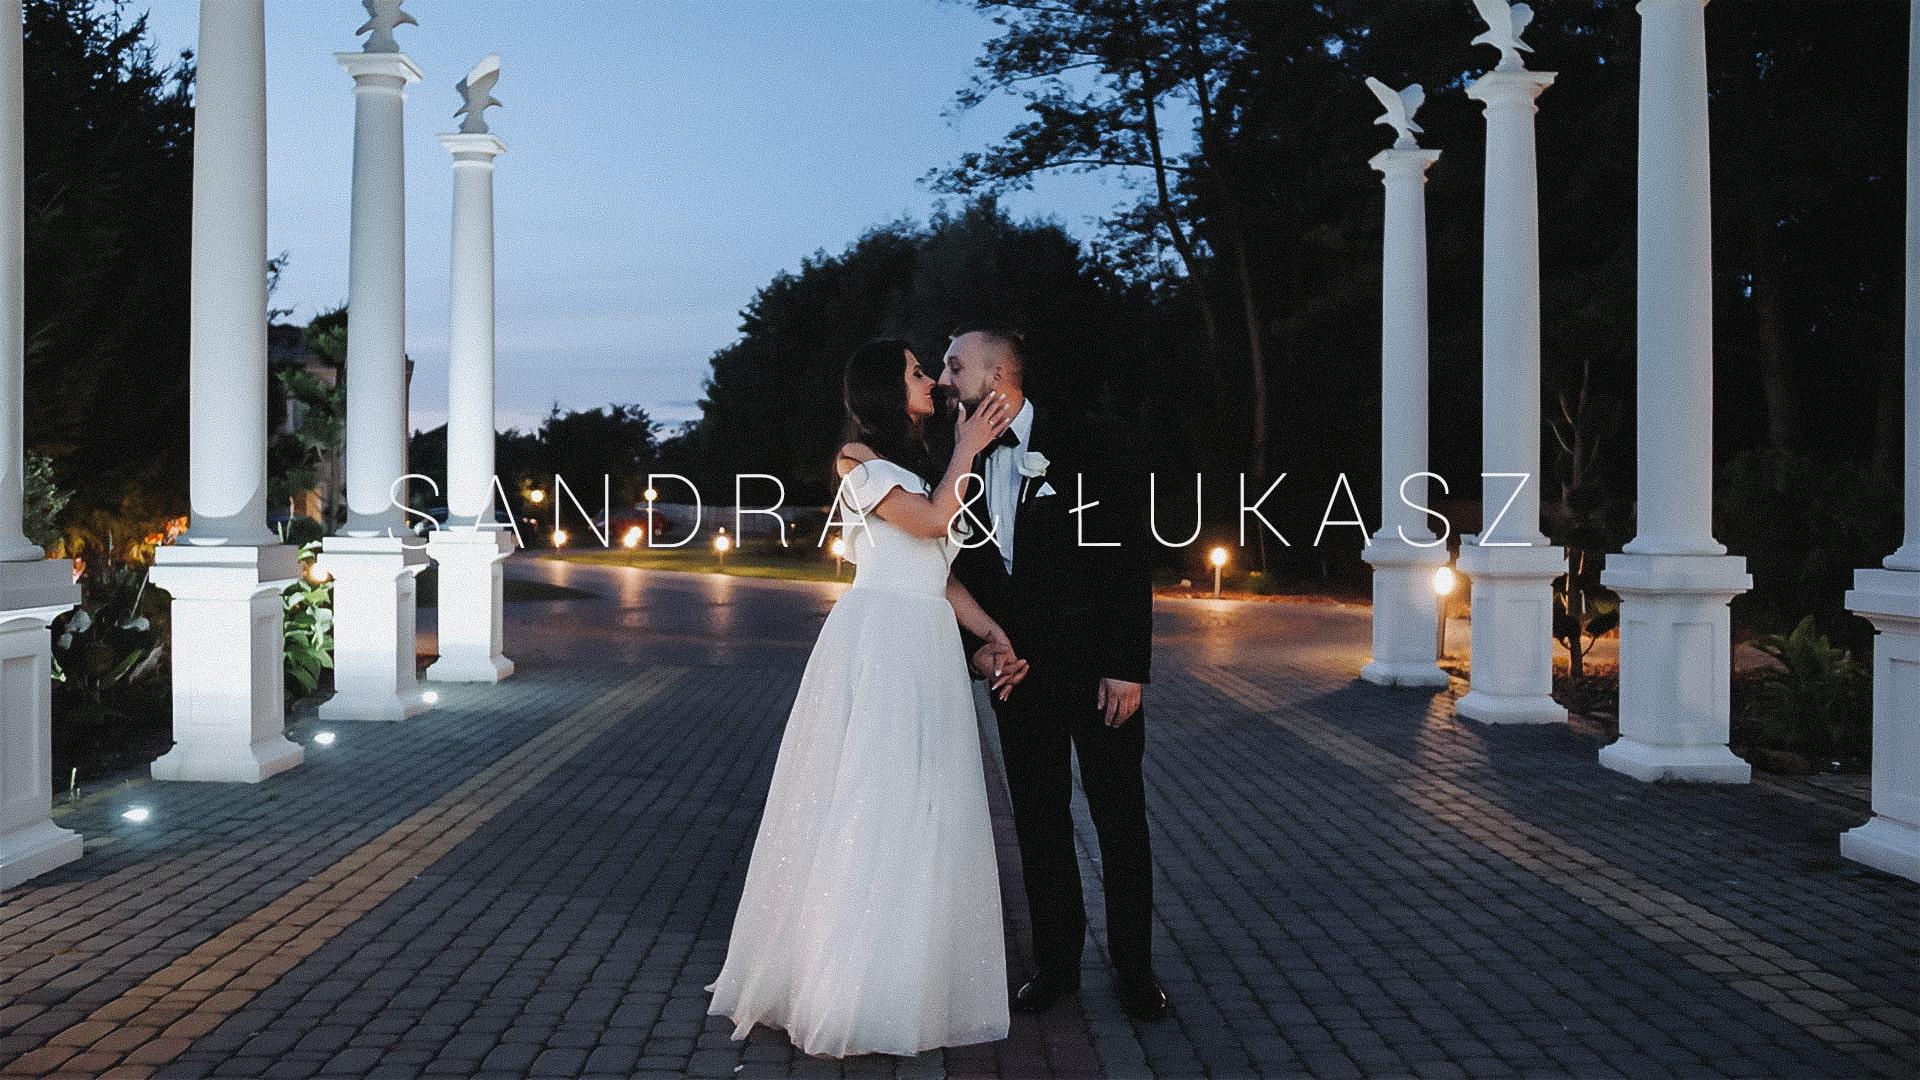 Sandra & Łukasz